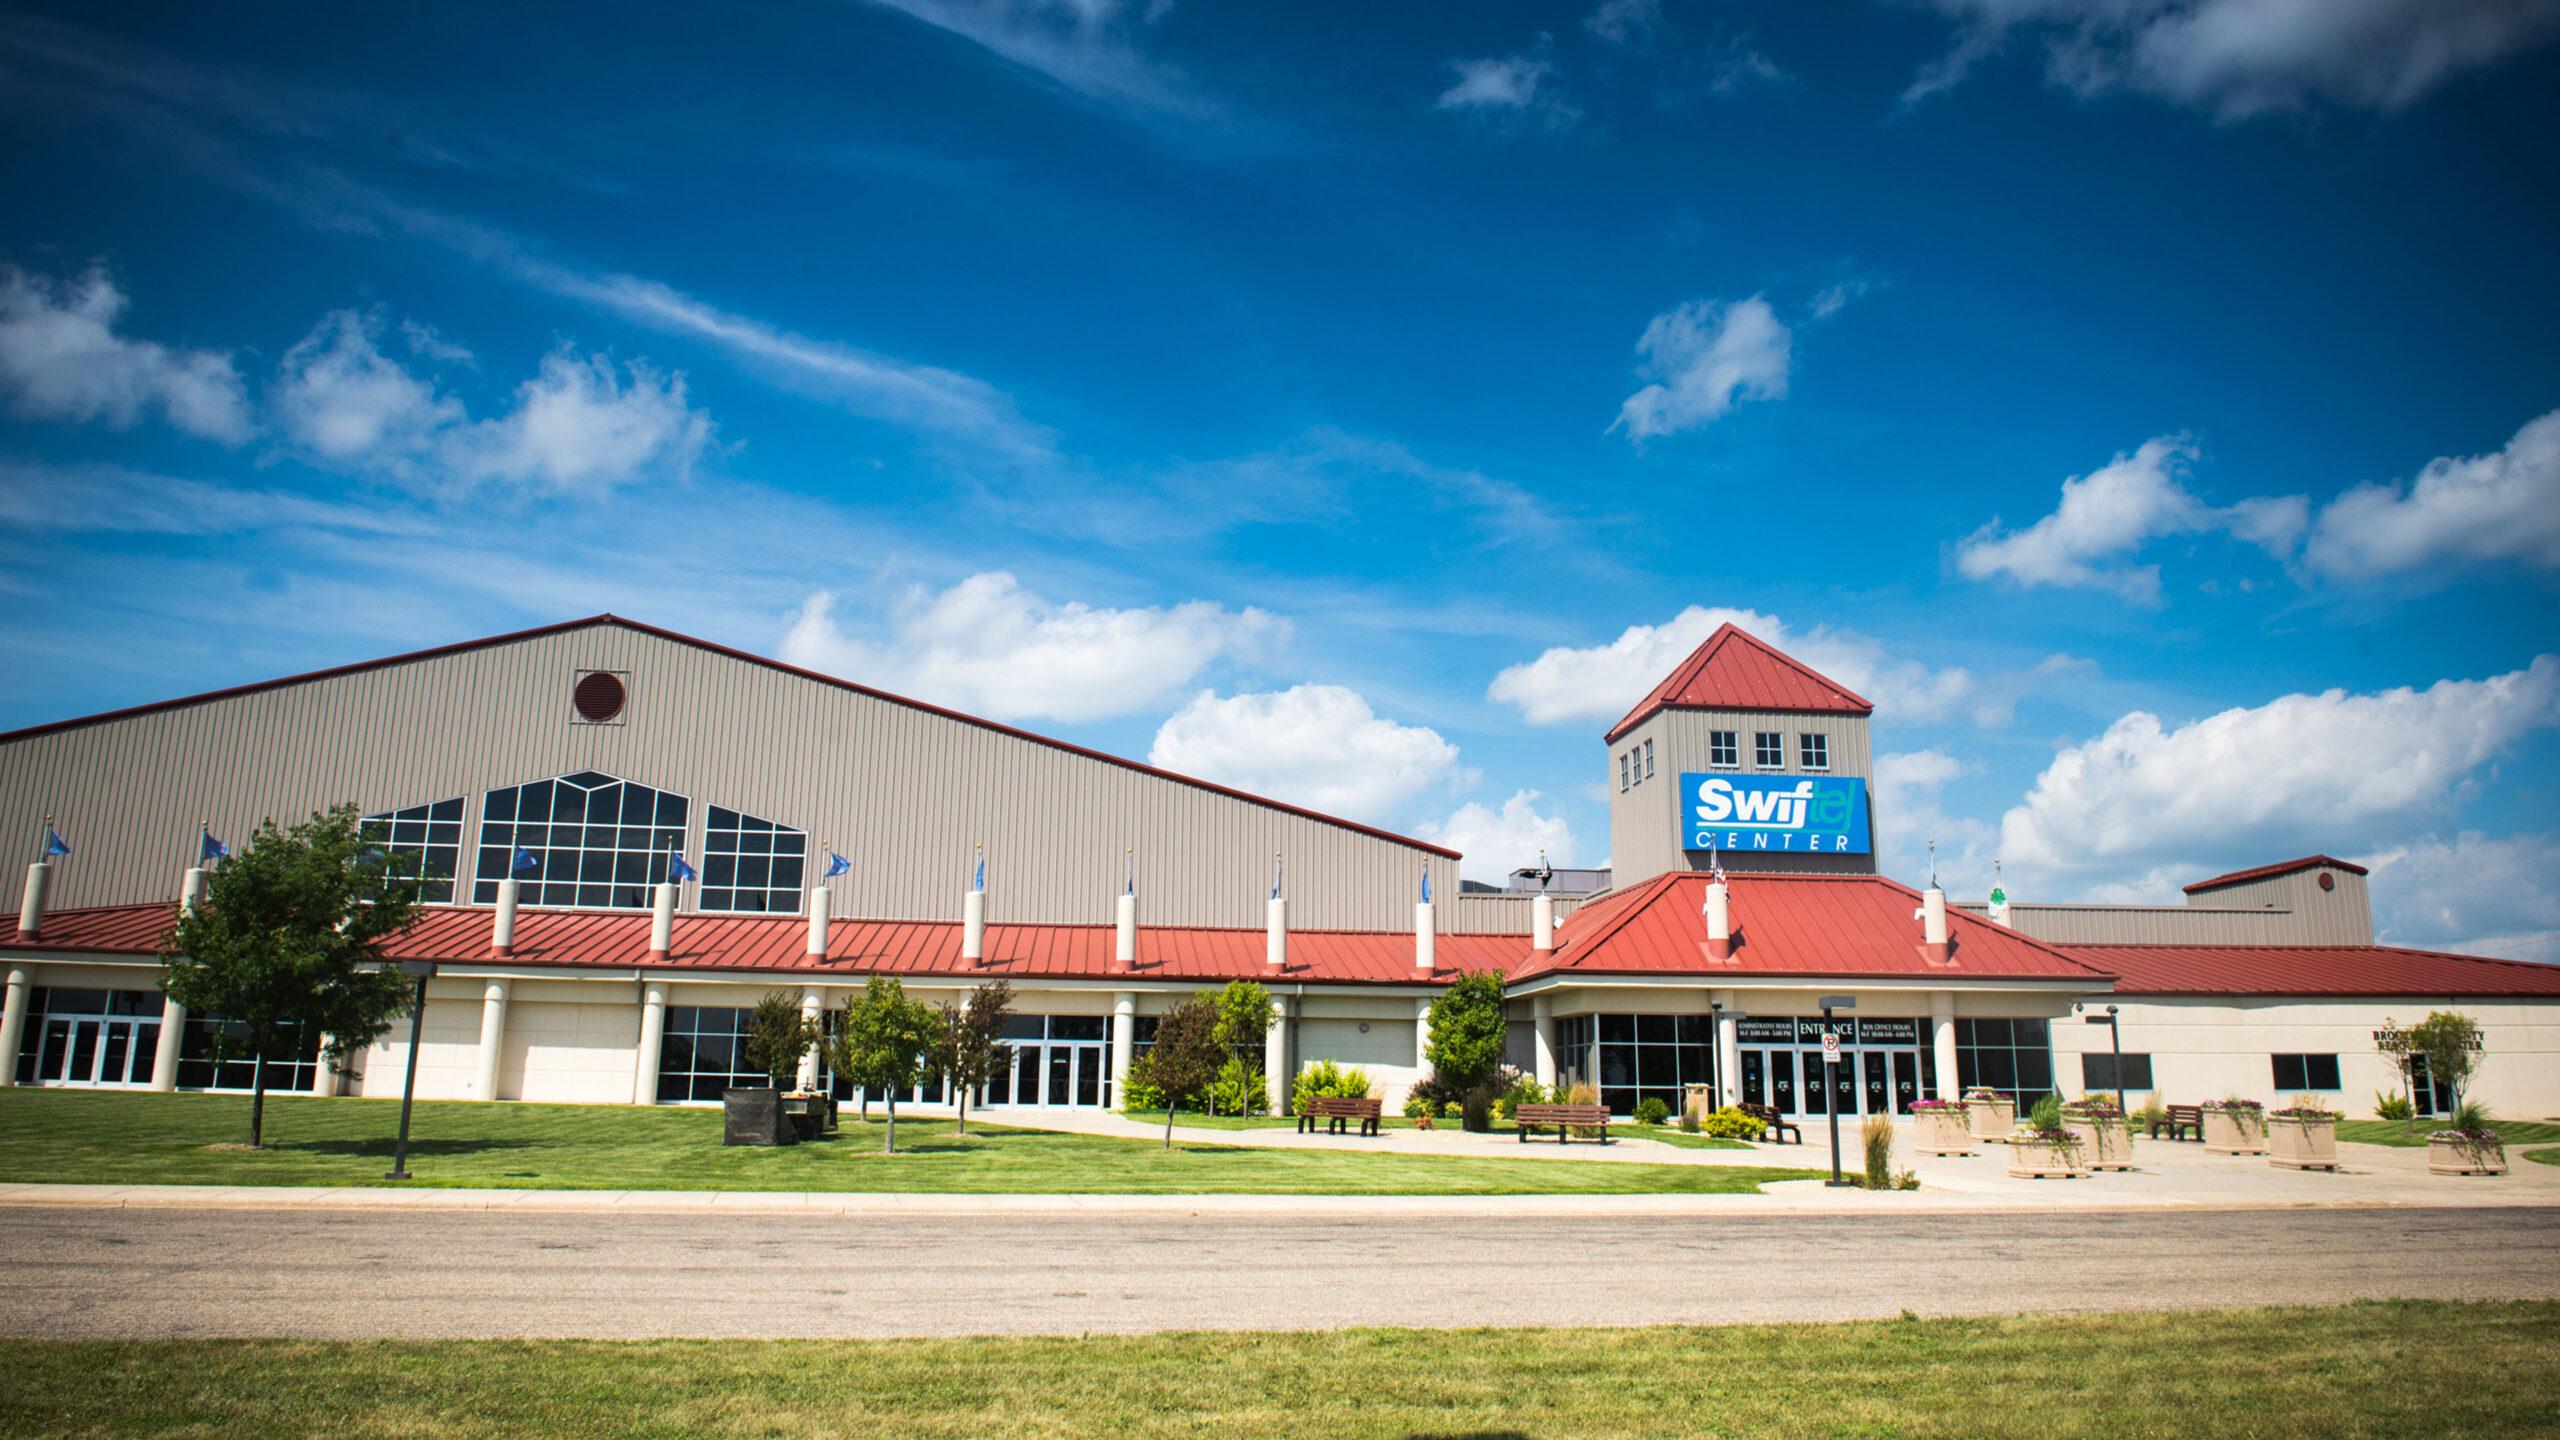 Swiftel Center in Brookings South Dakota